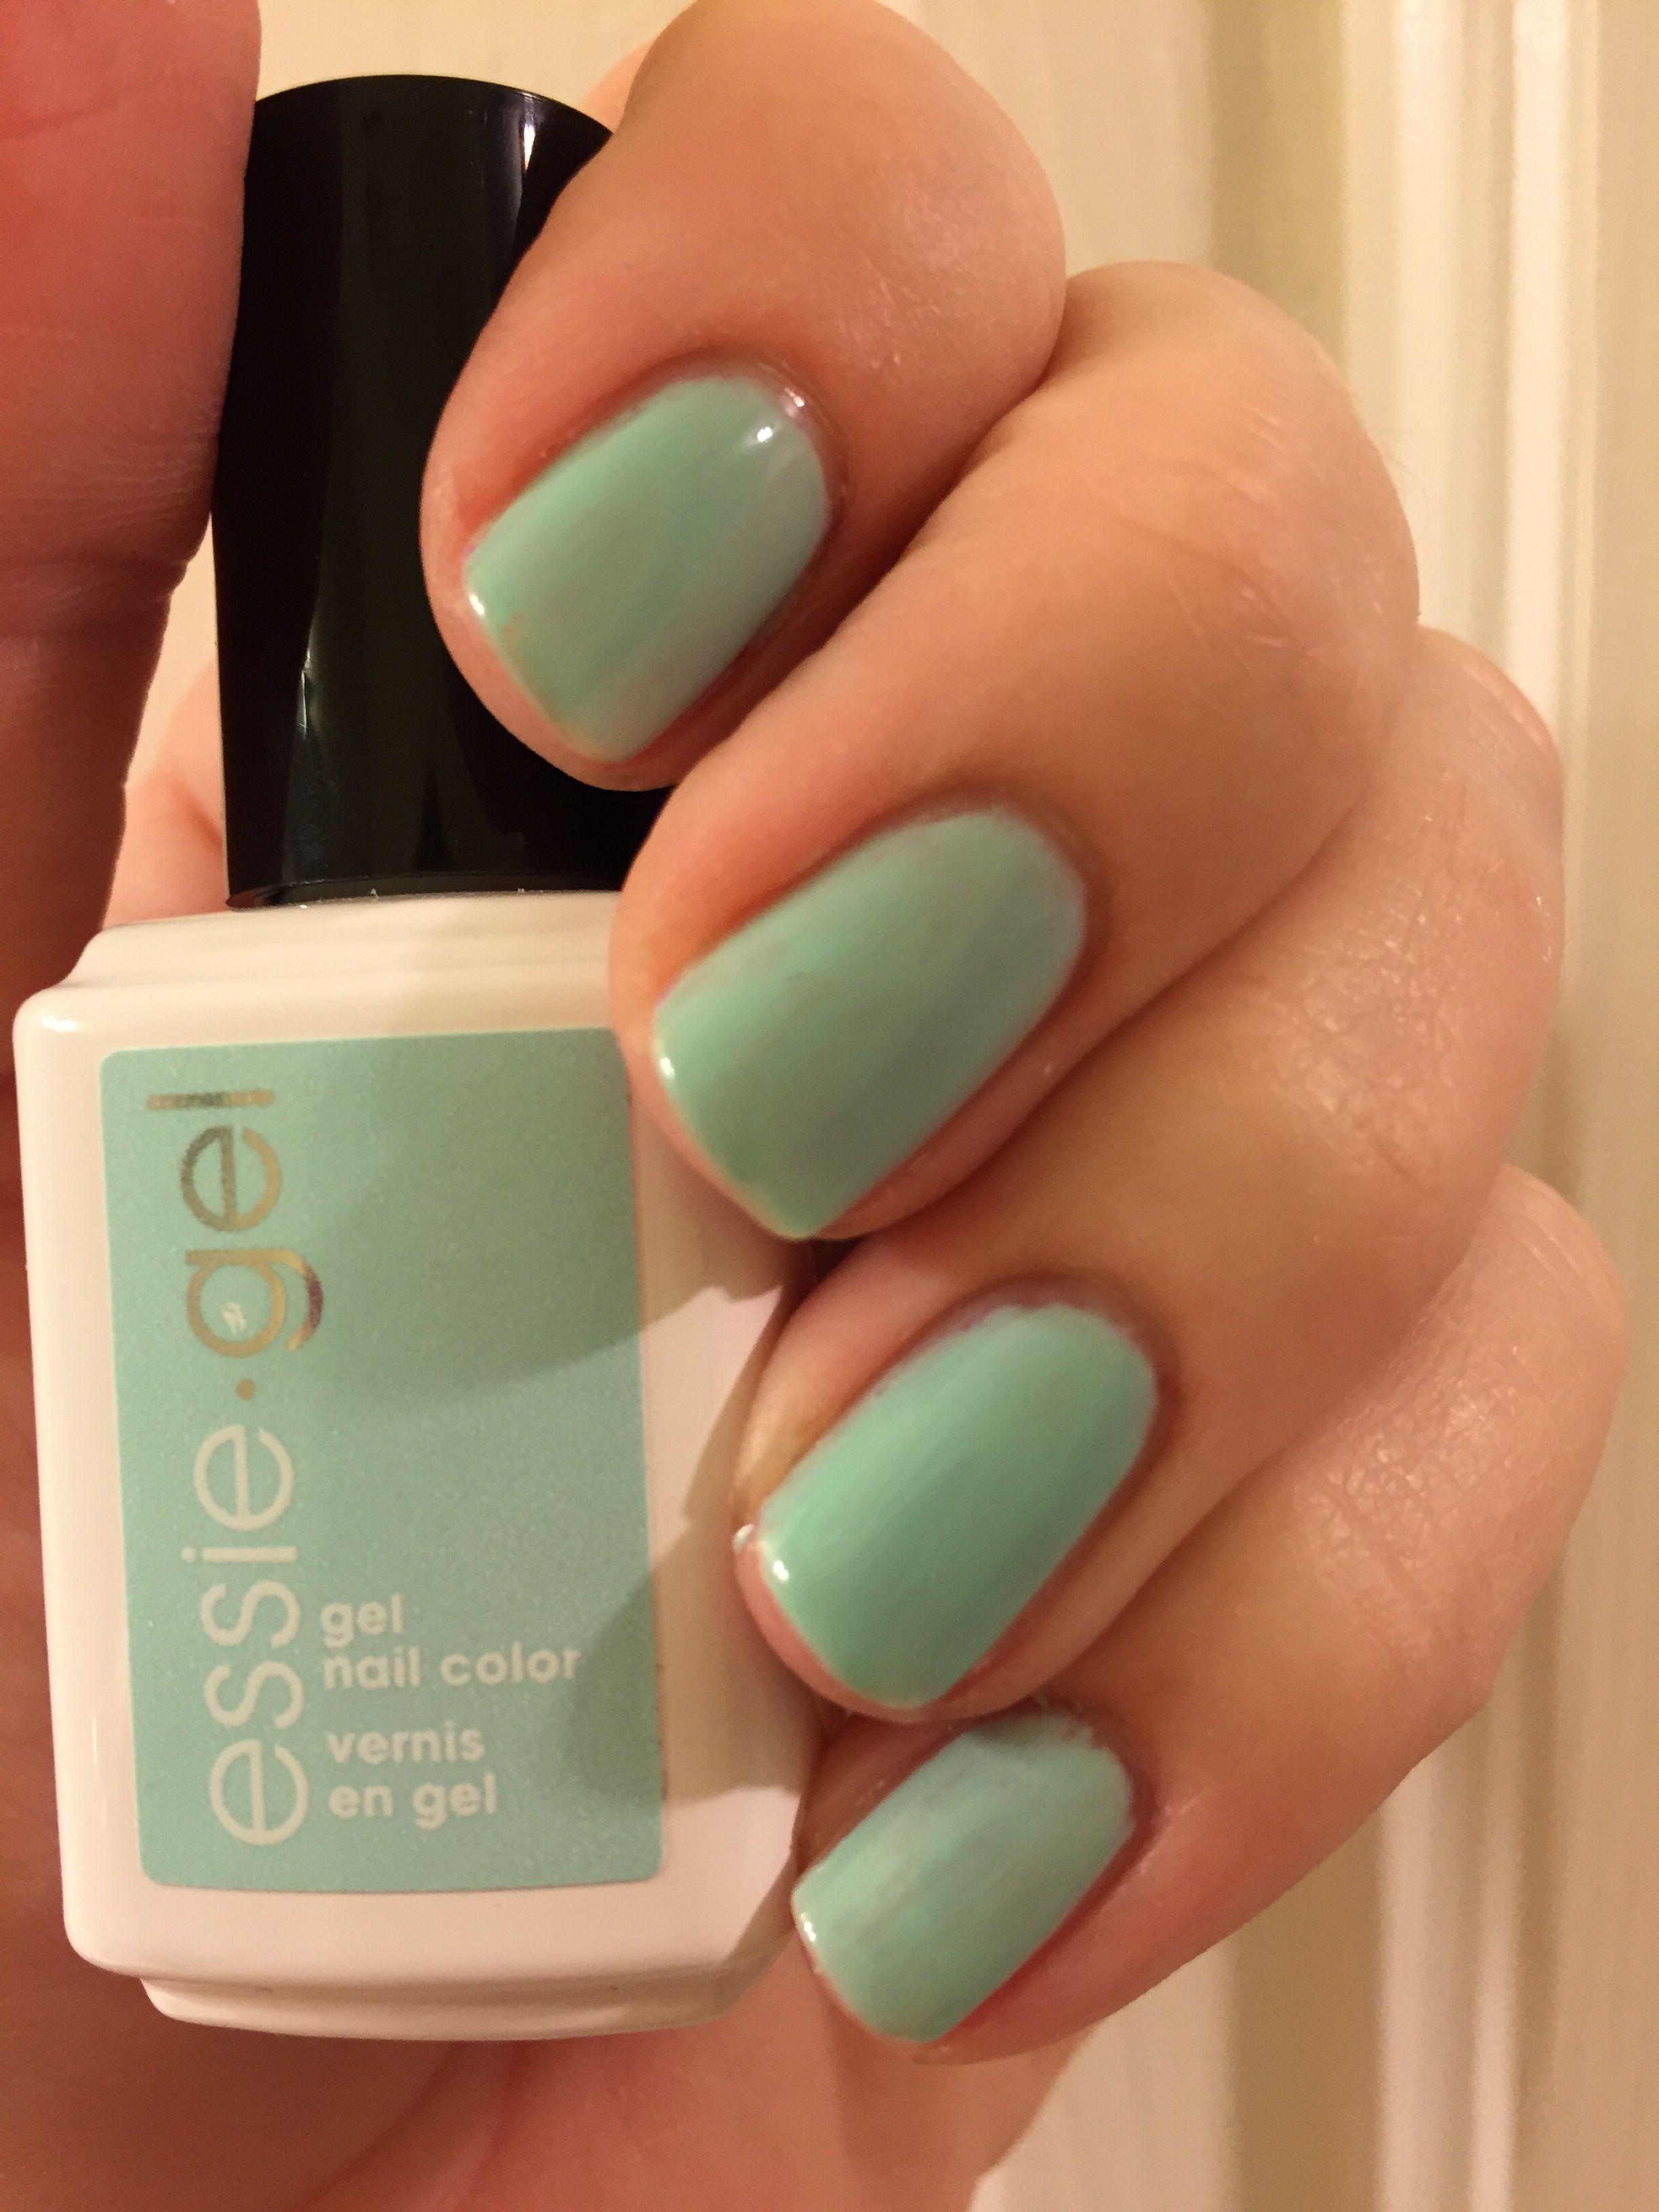 Essie Gel Nail Color in \